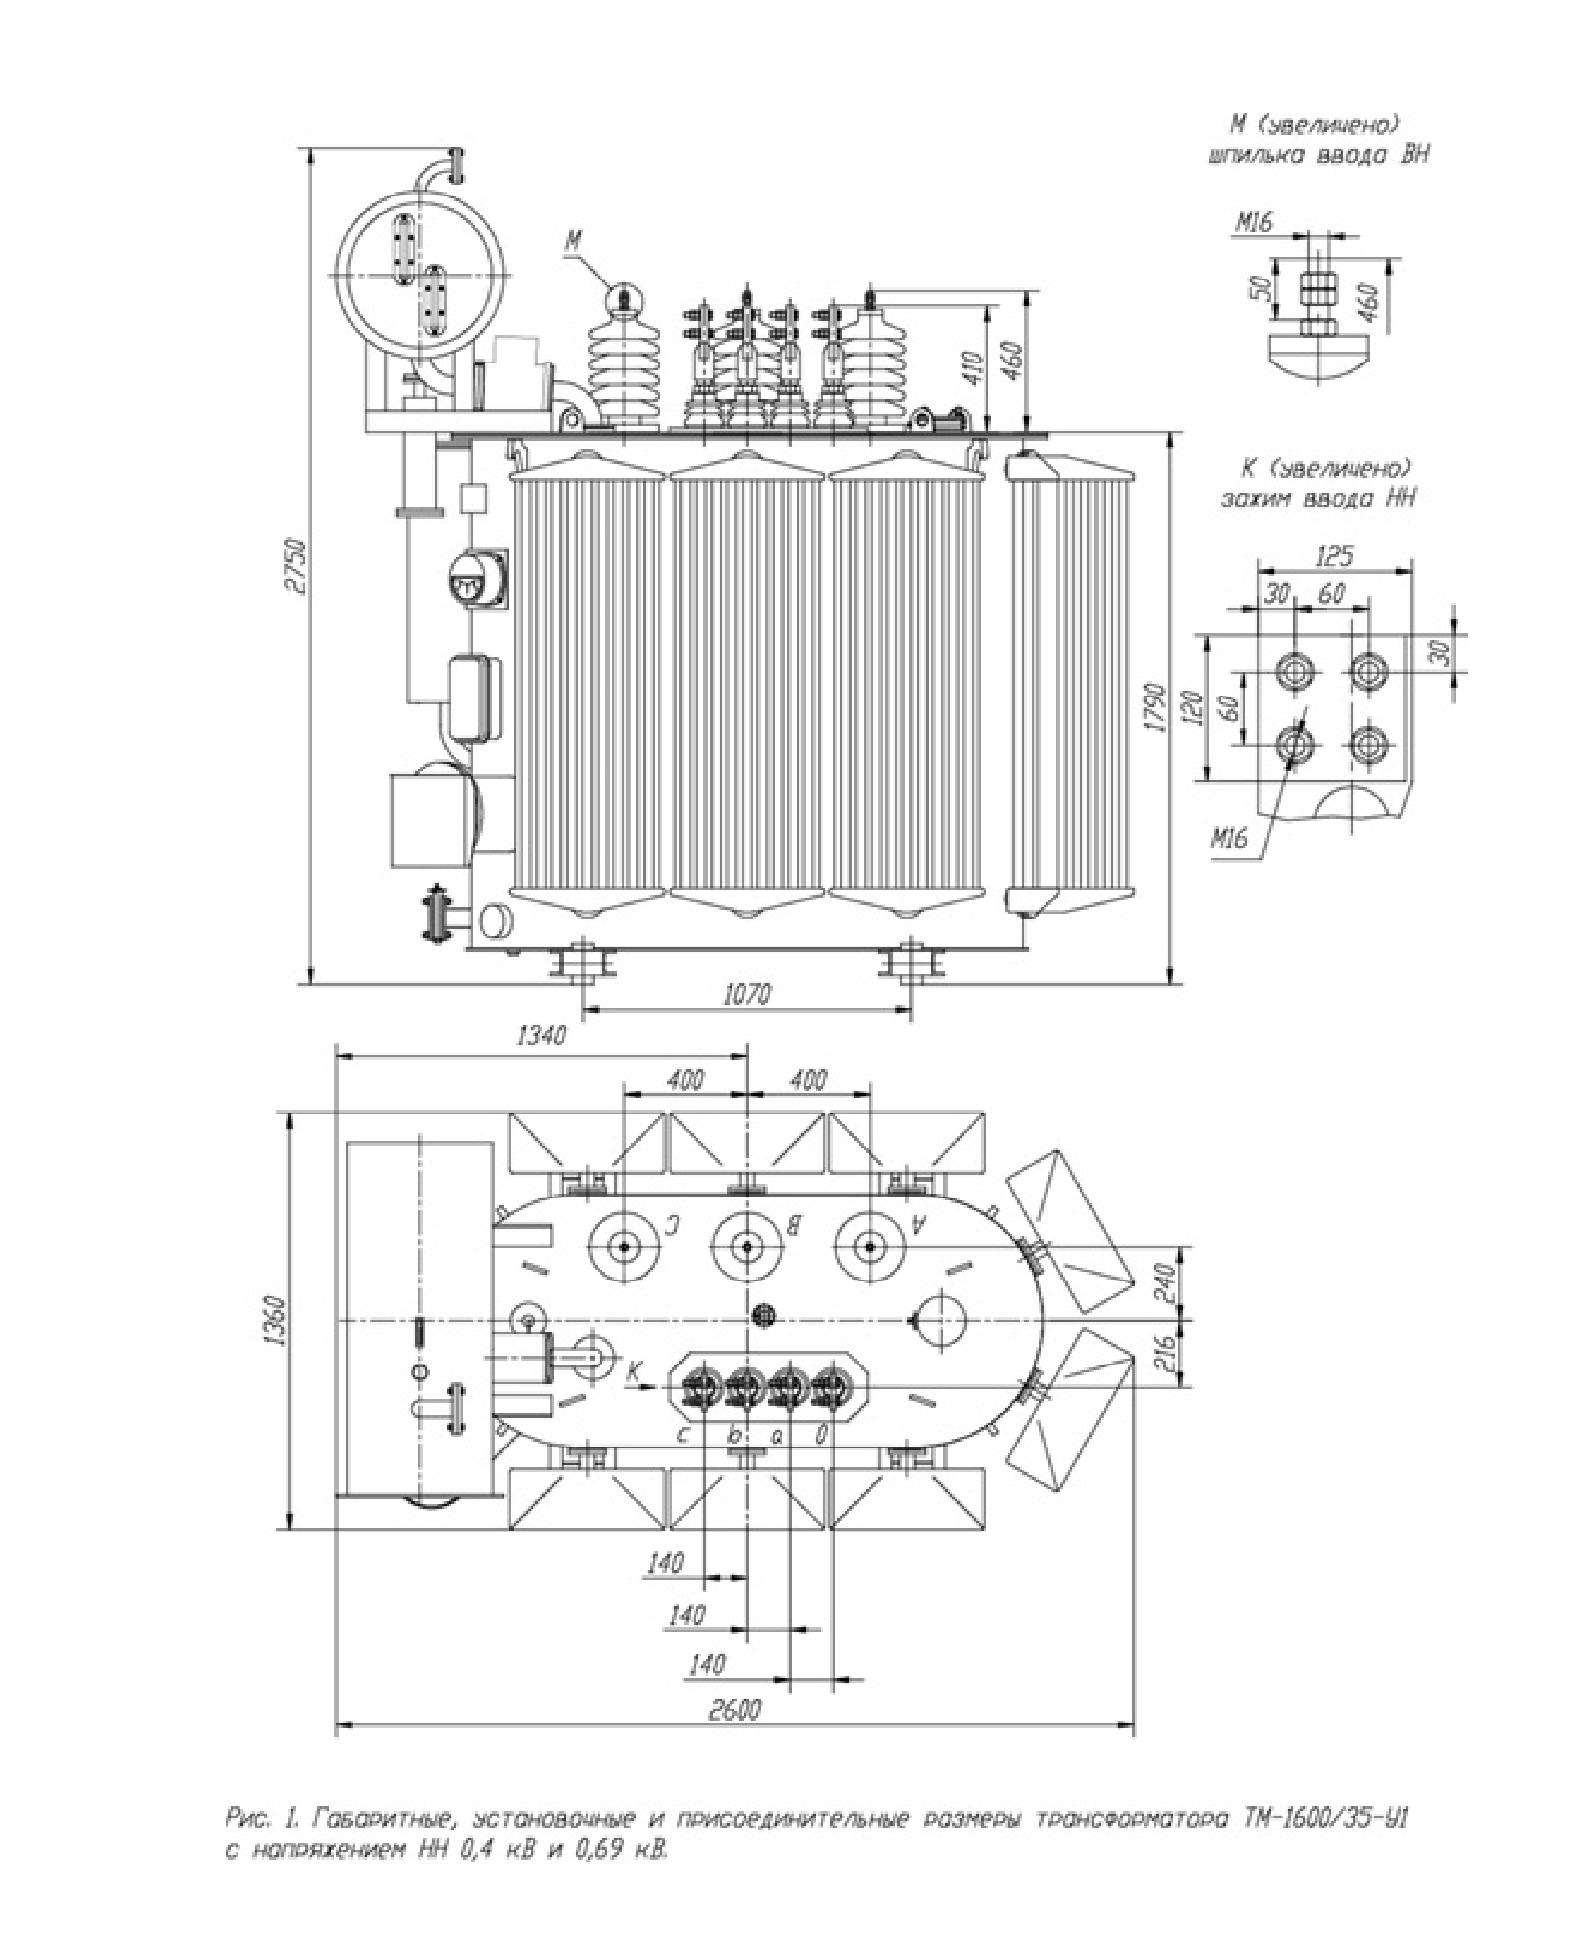 Трансформаторы трехфазные масляные, переключаемые без возбуждения, класса напряжения 35 кВ тип ТМ